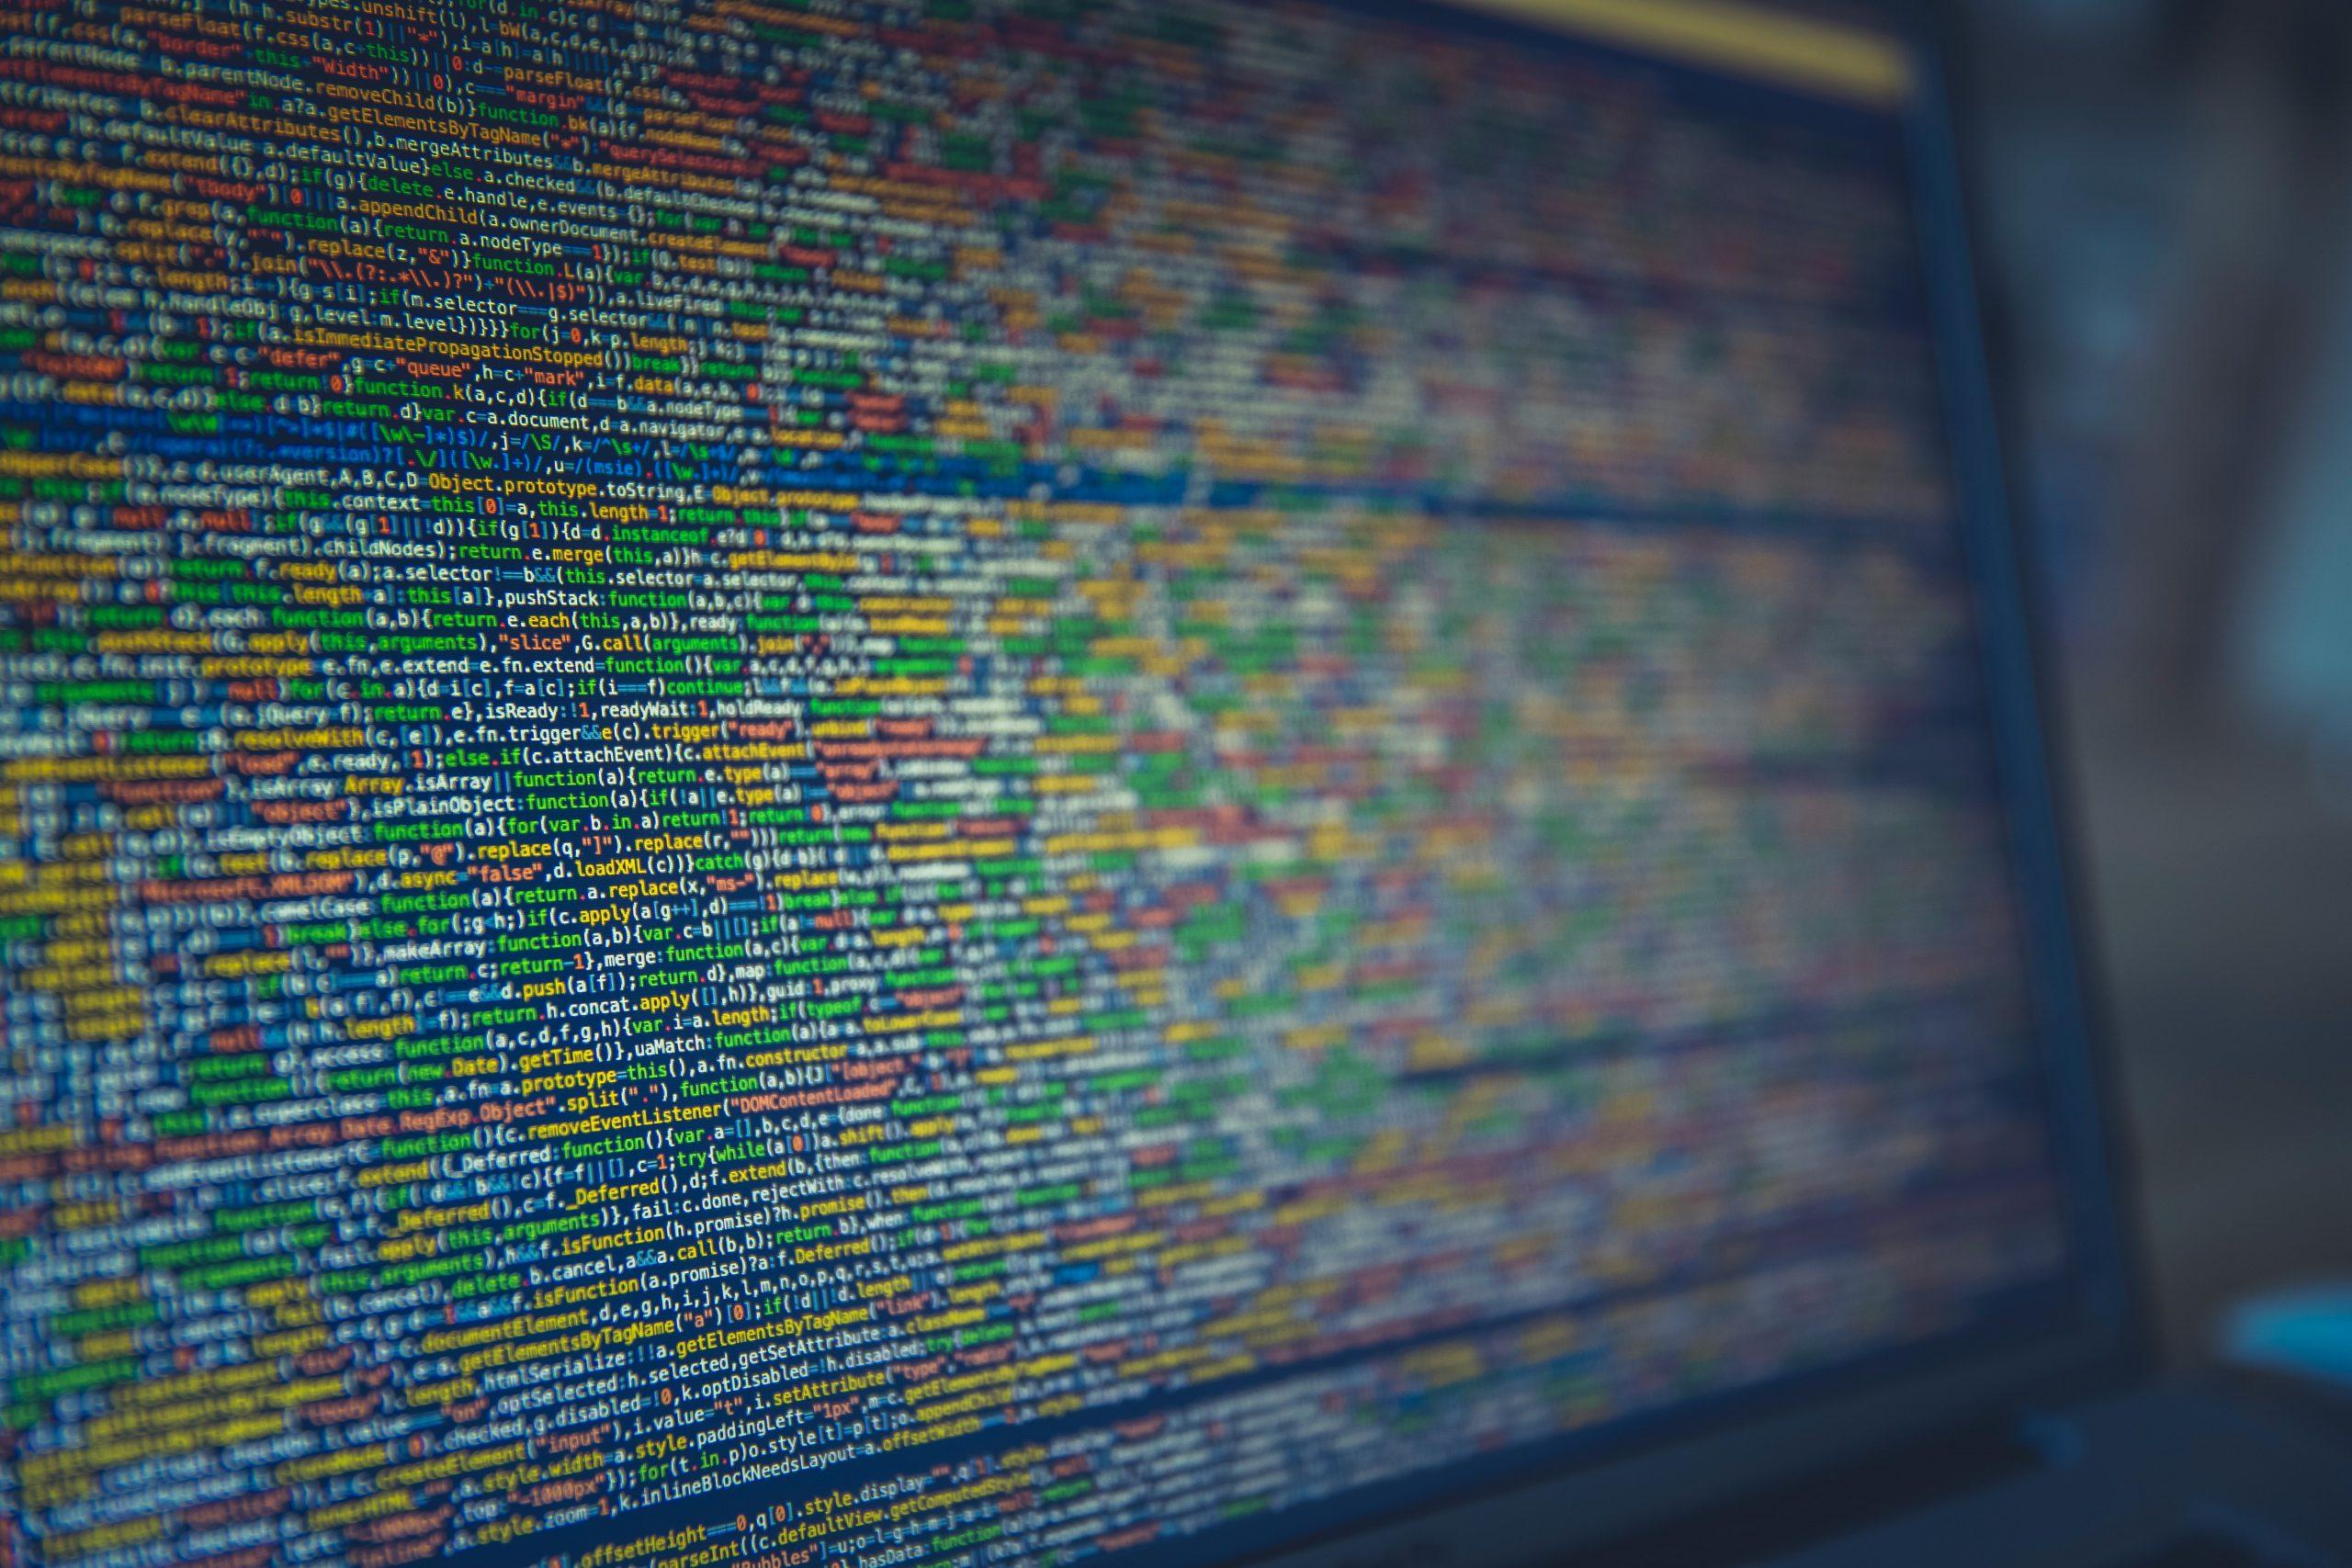 Emotet – Anwender keineswegs machtlos gegen Cyberattacken